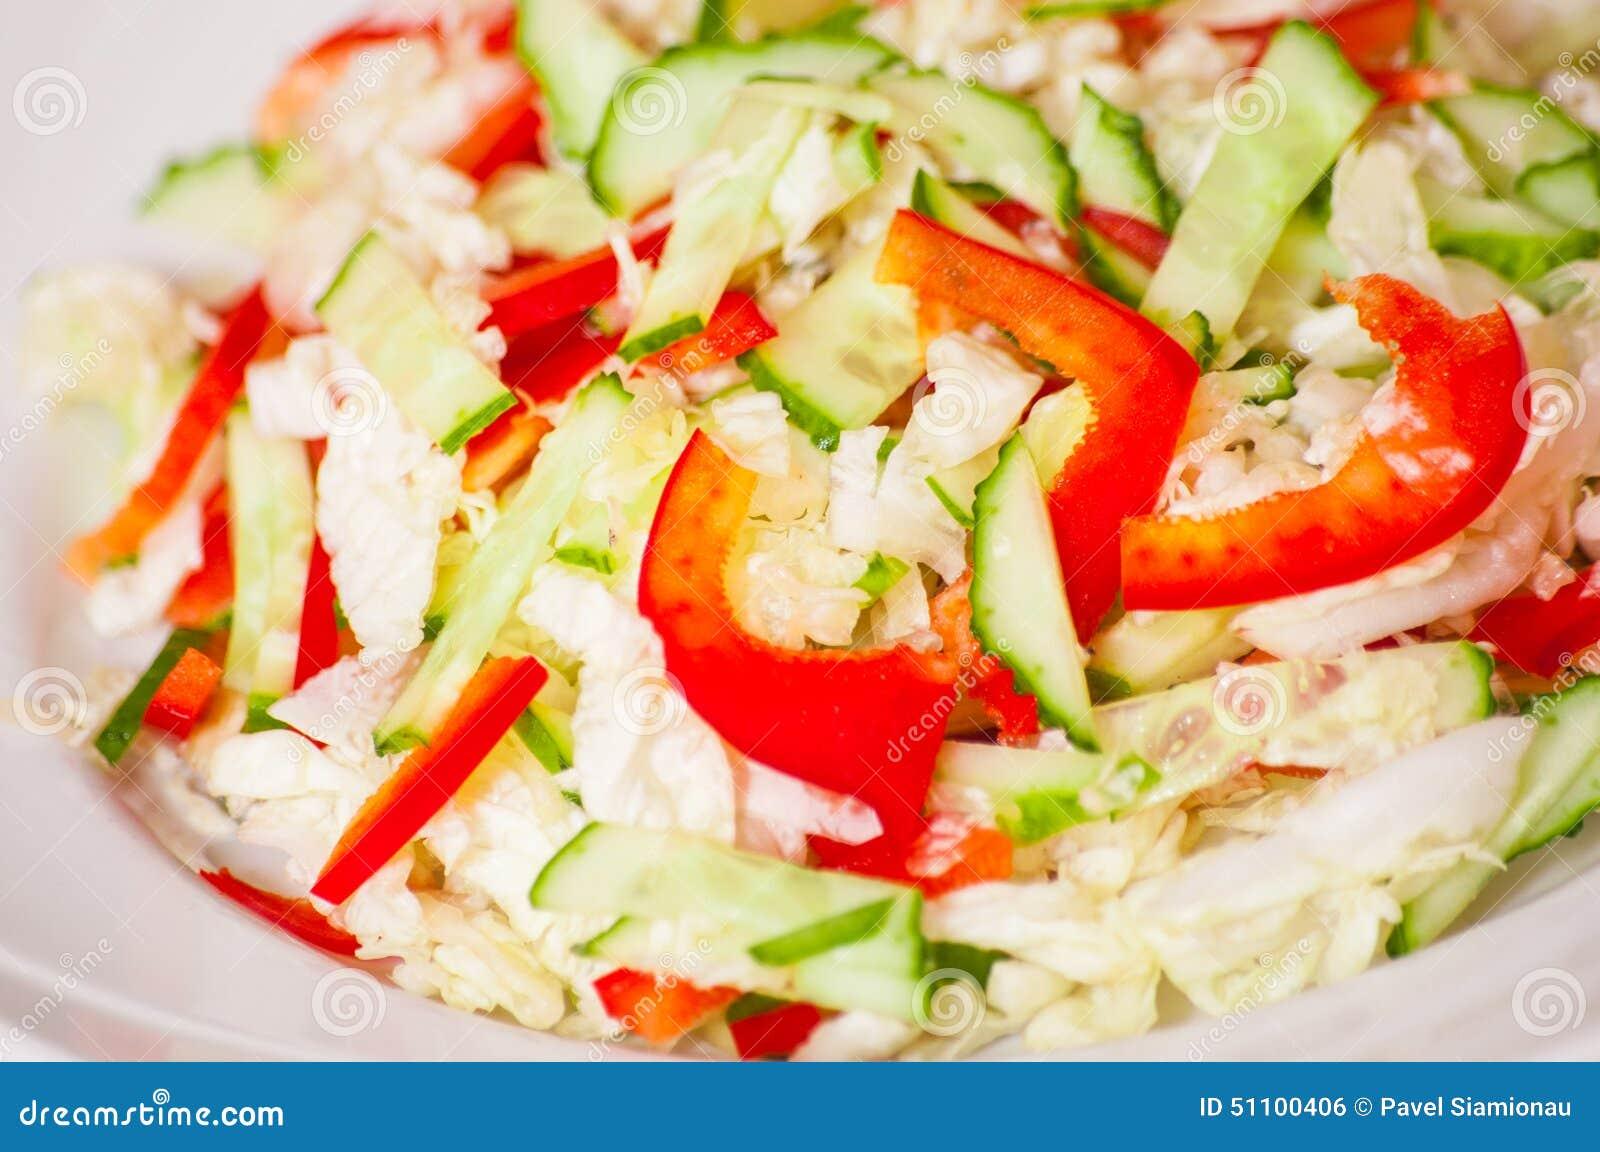 салат диетический из китайской капусты